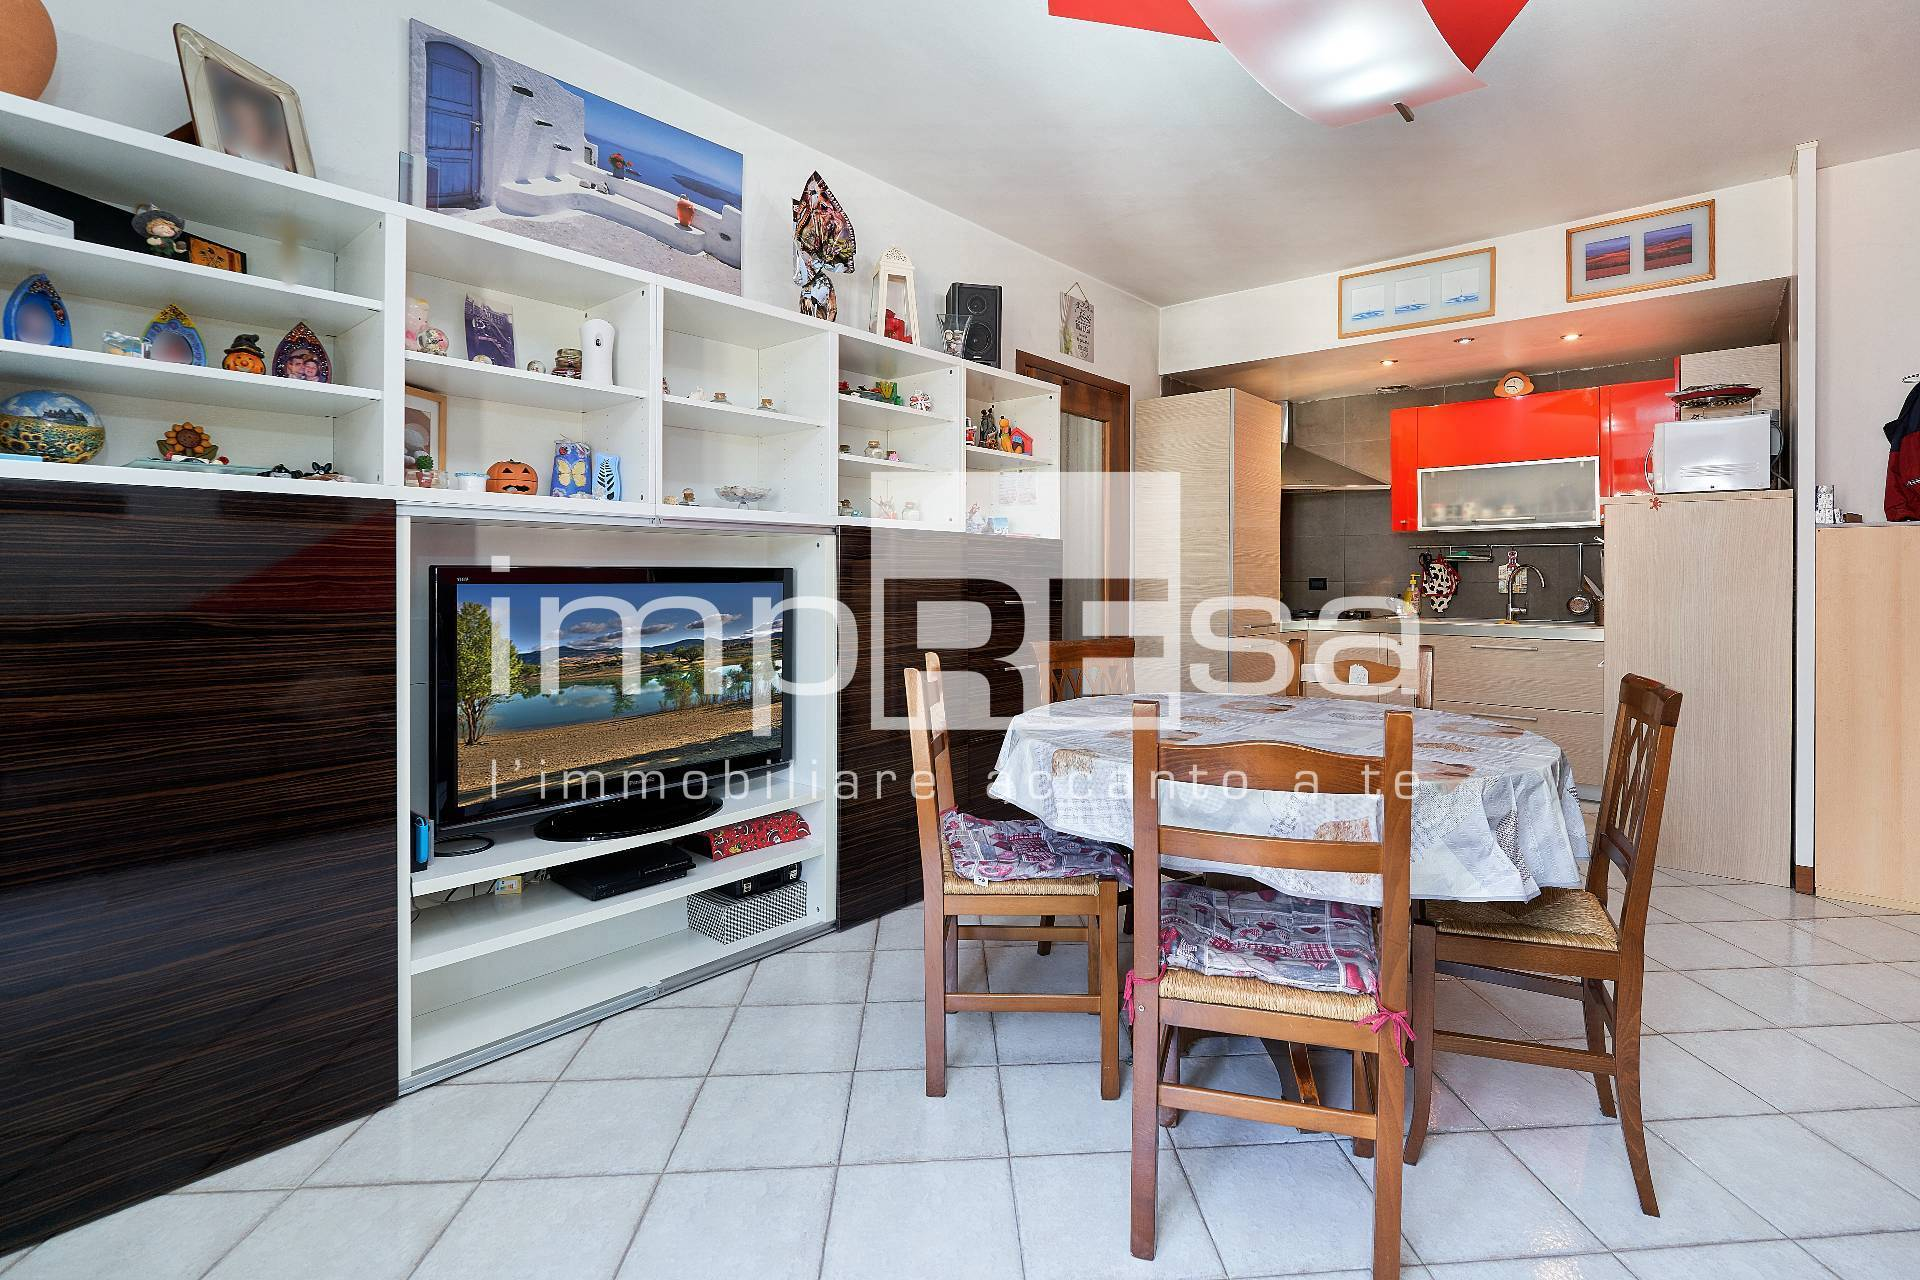 Appartamento in vendita a Salzano, 3 locali, prezzo € 129.000 | CambioCasa.it